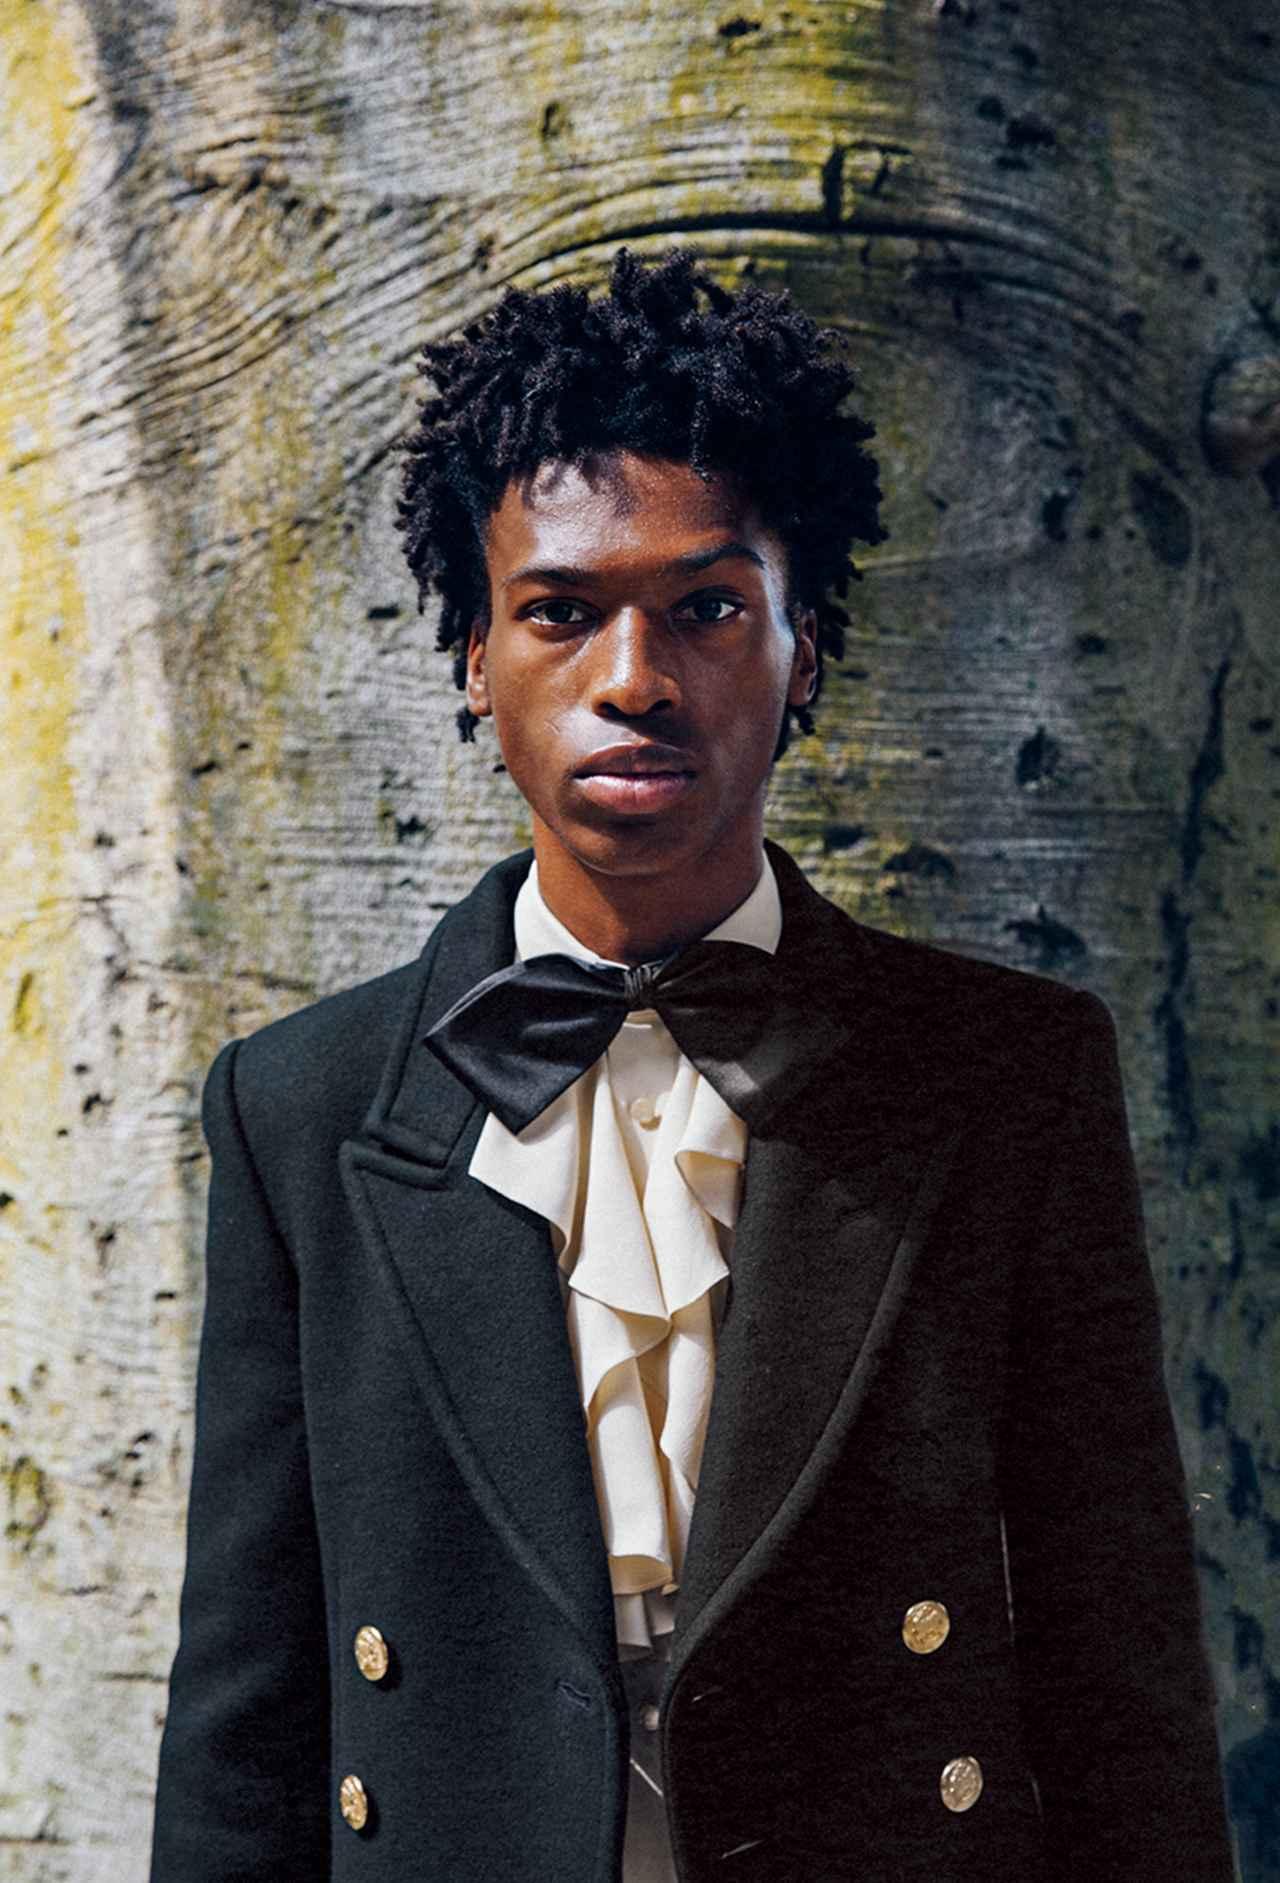 Images : 5番目の画像 - 「黒、グレー、ネイビーブルー 冬の散歩道は モノクロームの装いで」のアルバム - T JAPAN:The New York Times Style Magazine 公式サイト